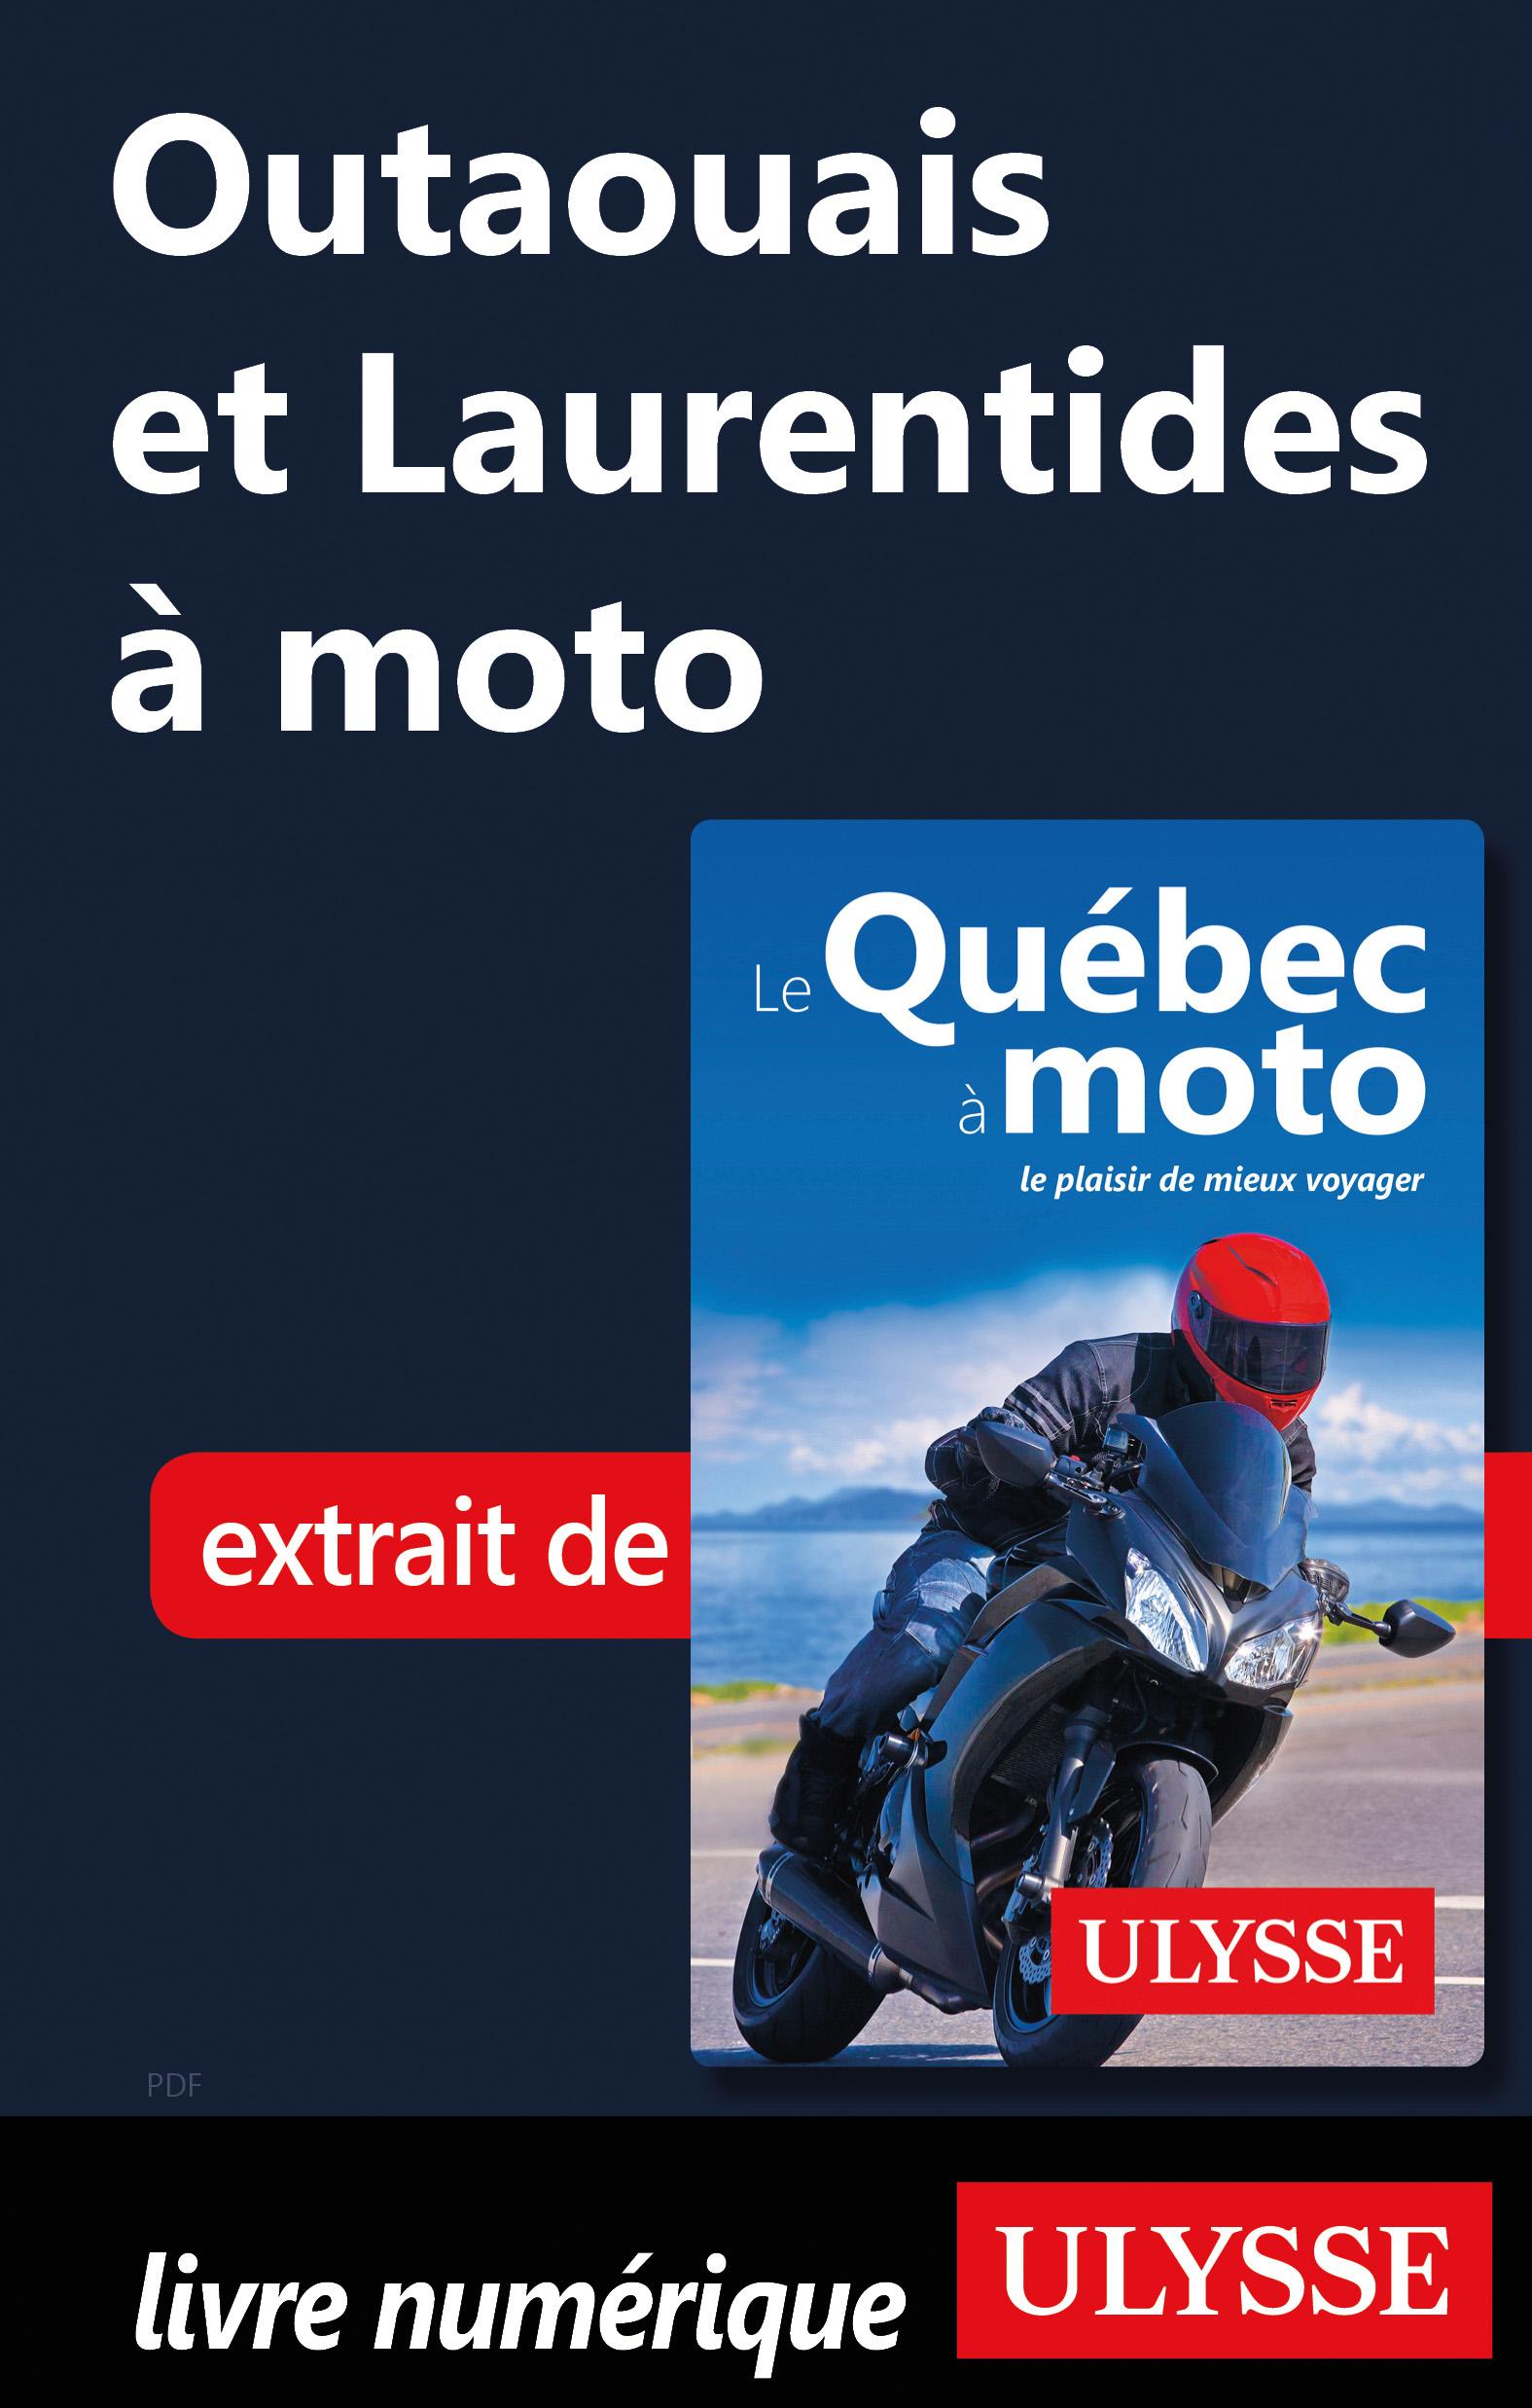 Outaouais et Laurentides à moto